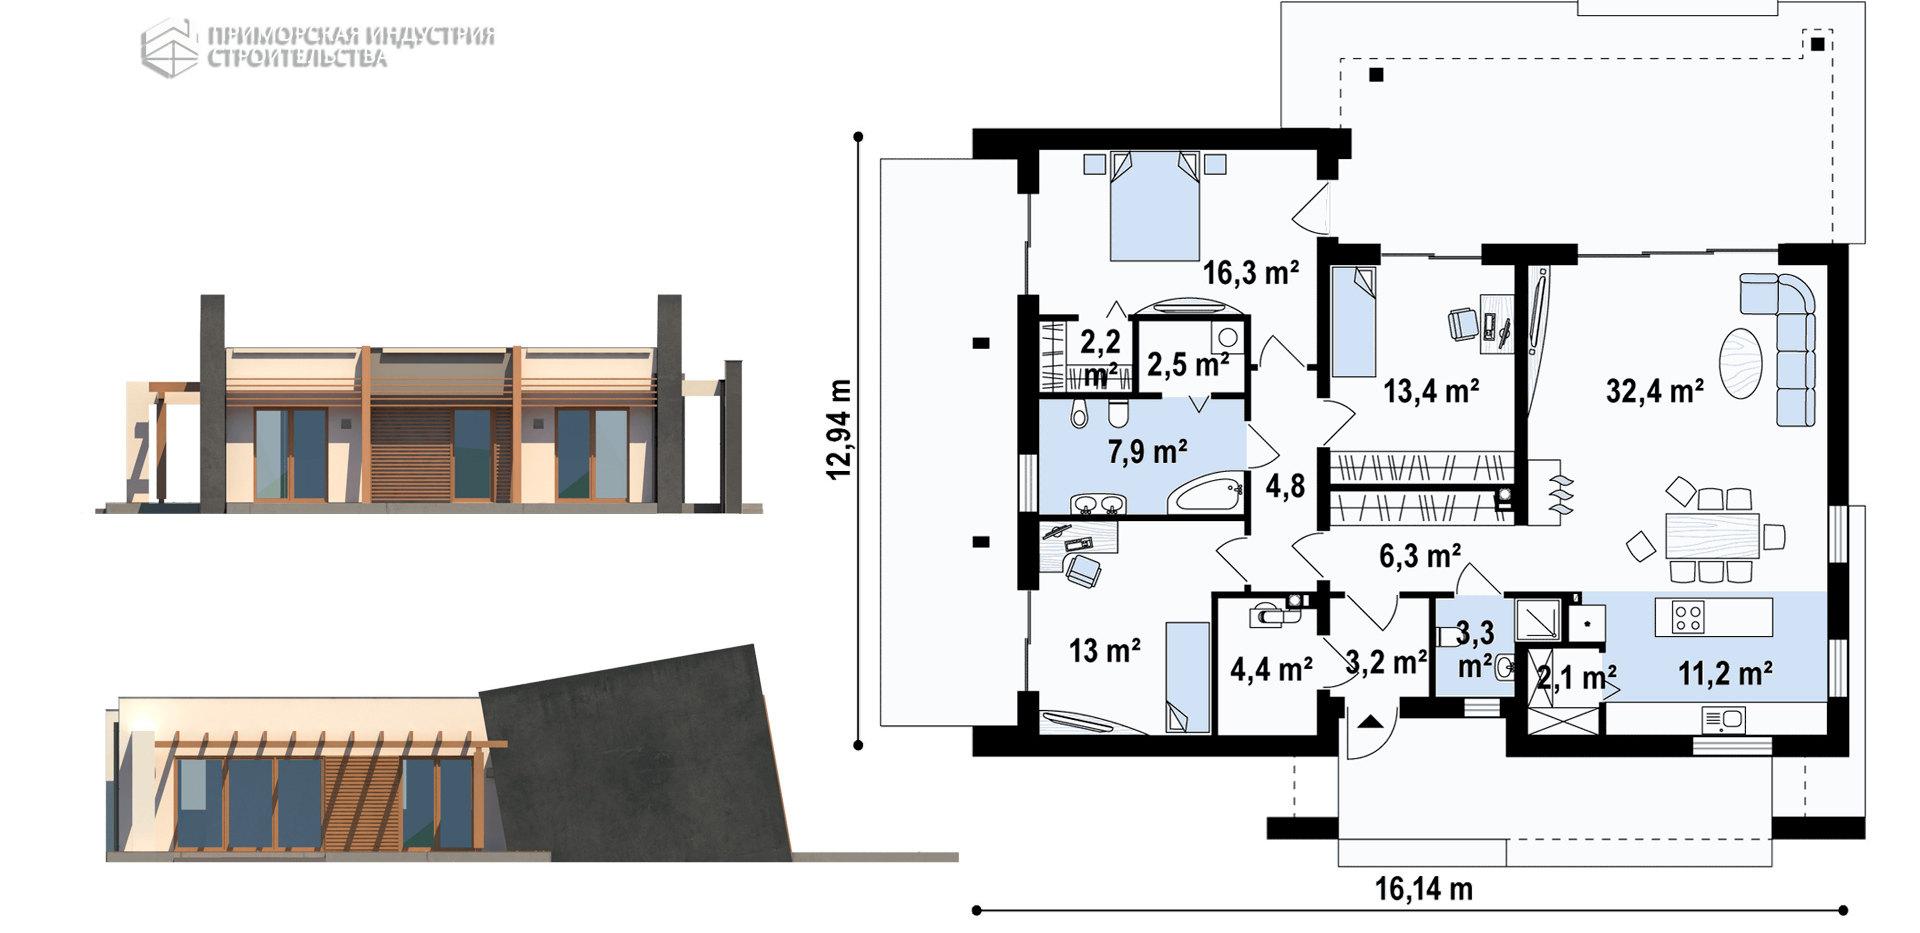 Планировка дома HAUS-0-09